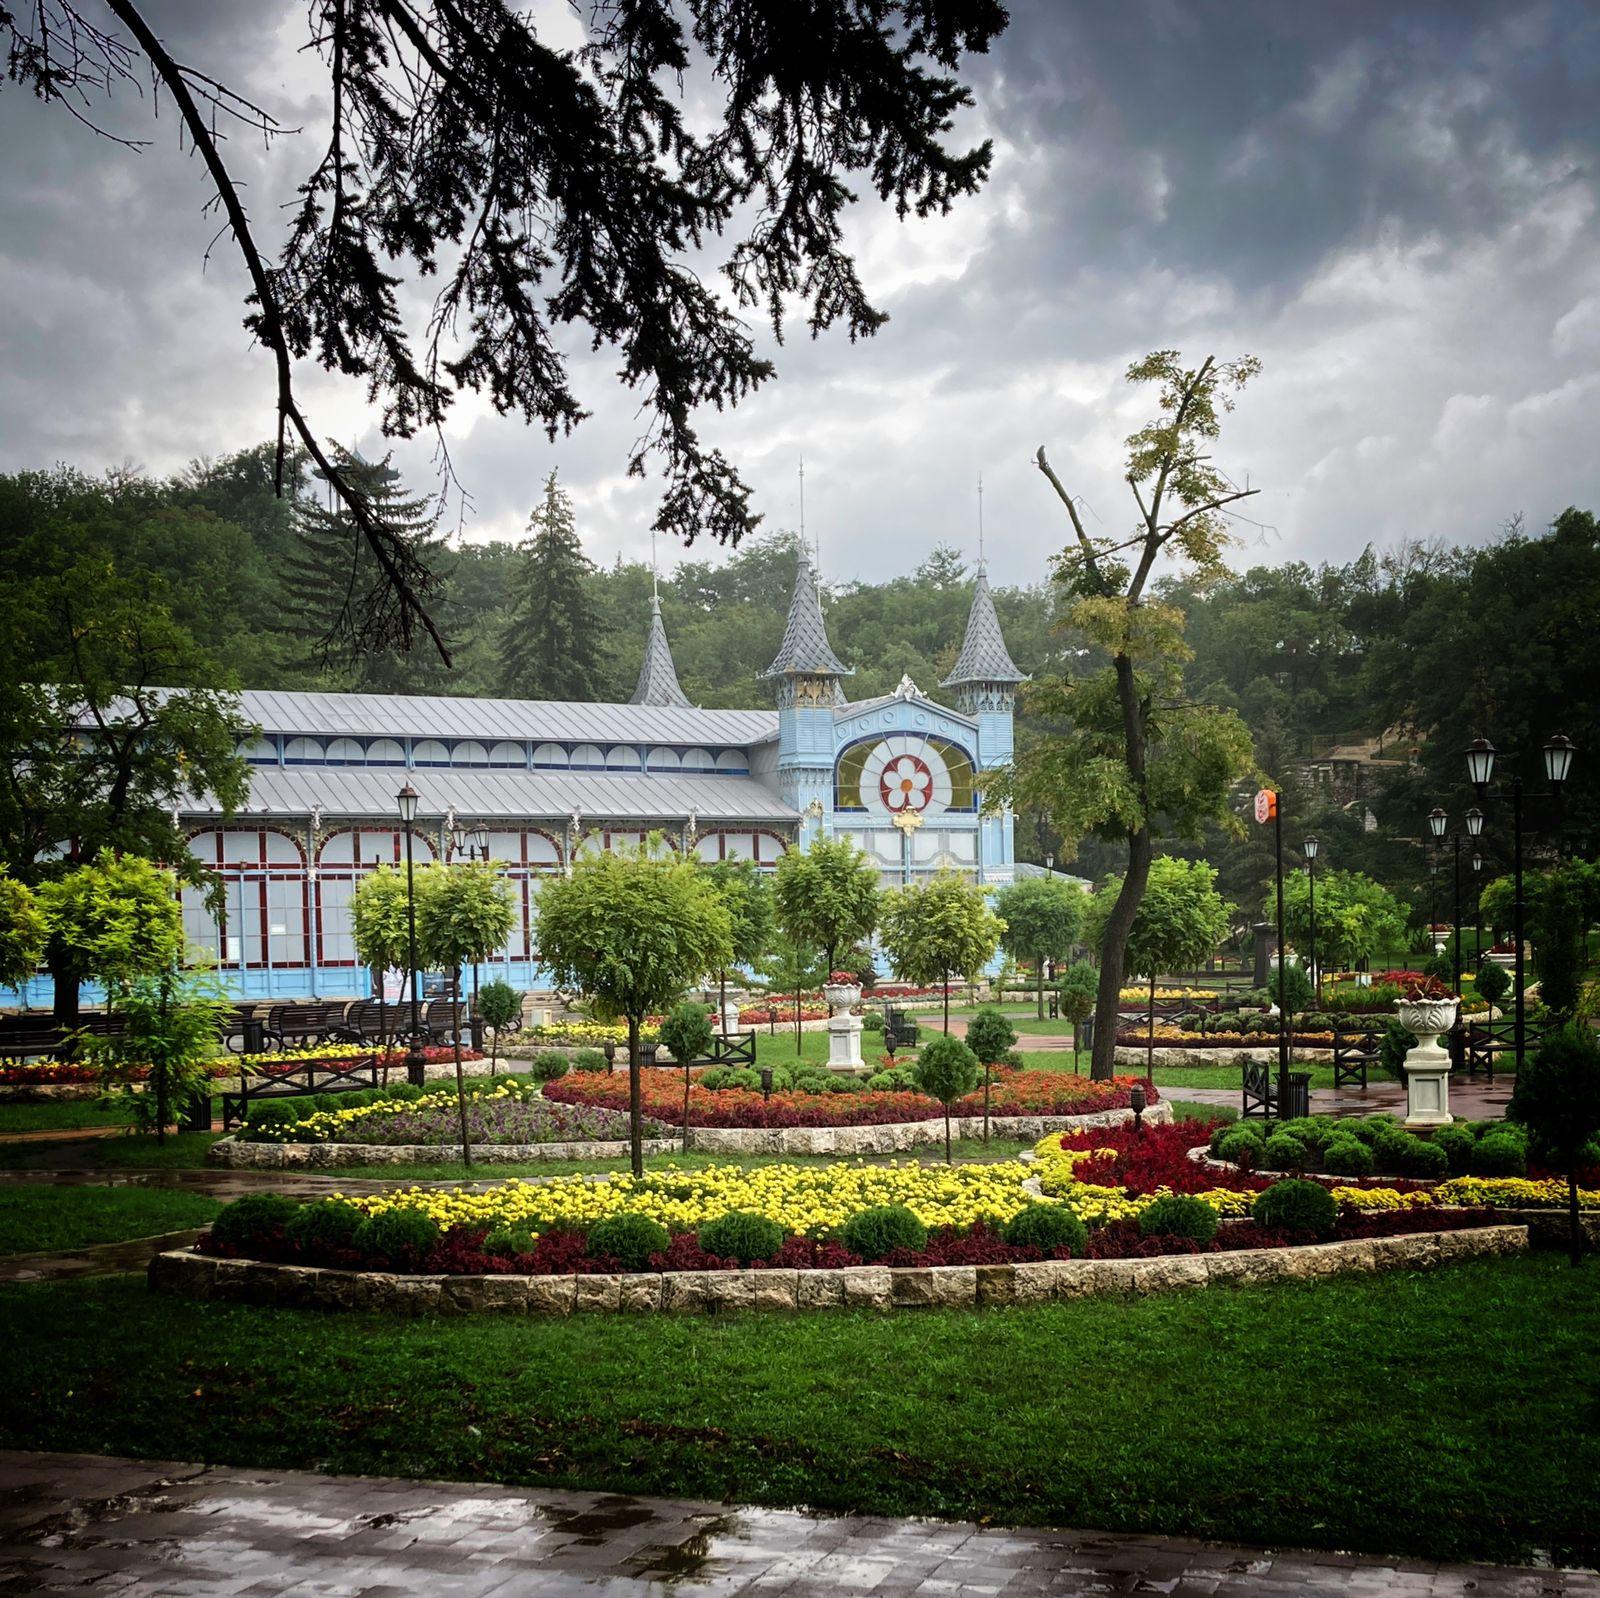 Валерий ШИЛОВ. Дождь в Пятигорске